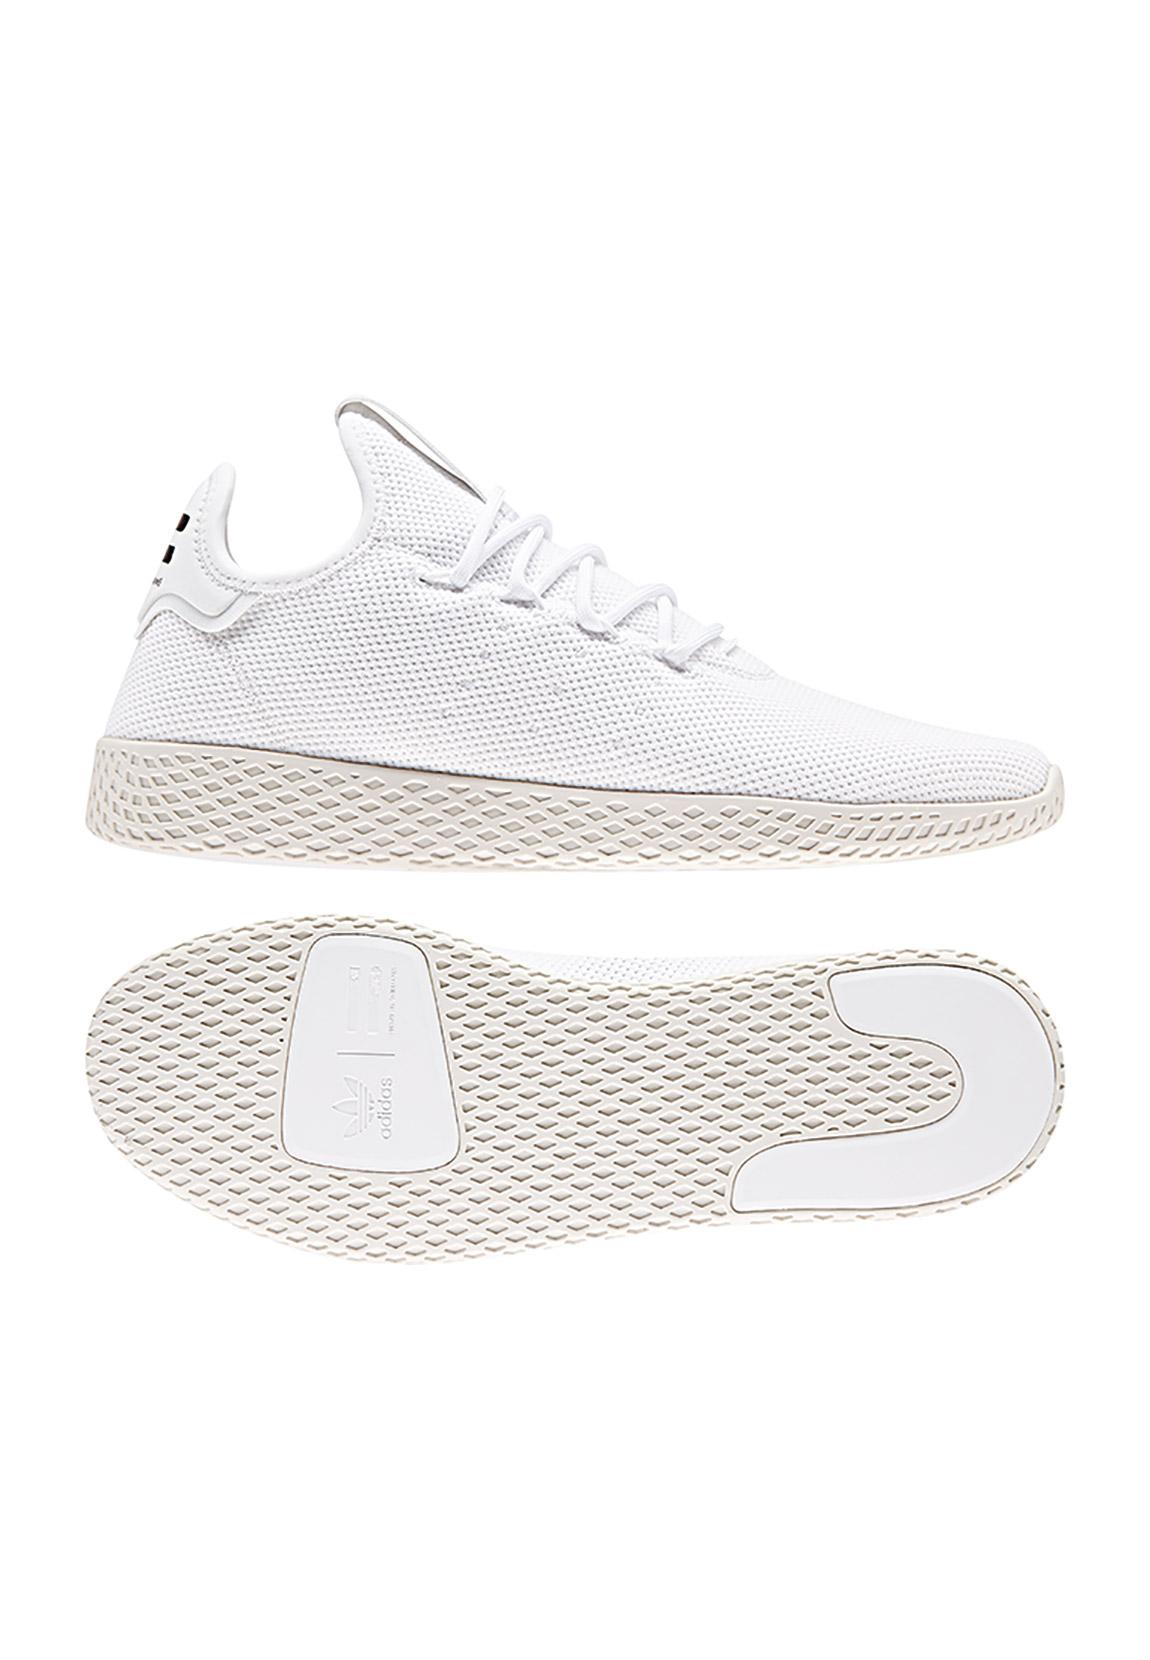 dab2b9623 Adidas Original Trainers Pw Tennis Hu B41792 White